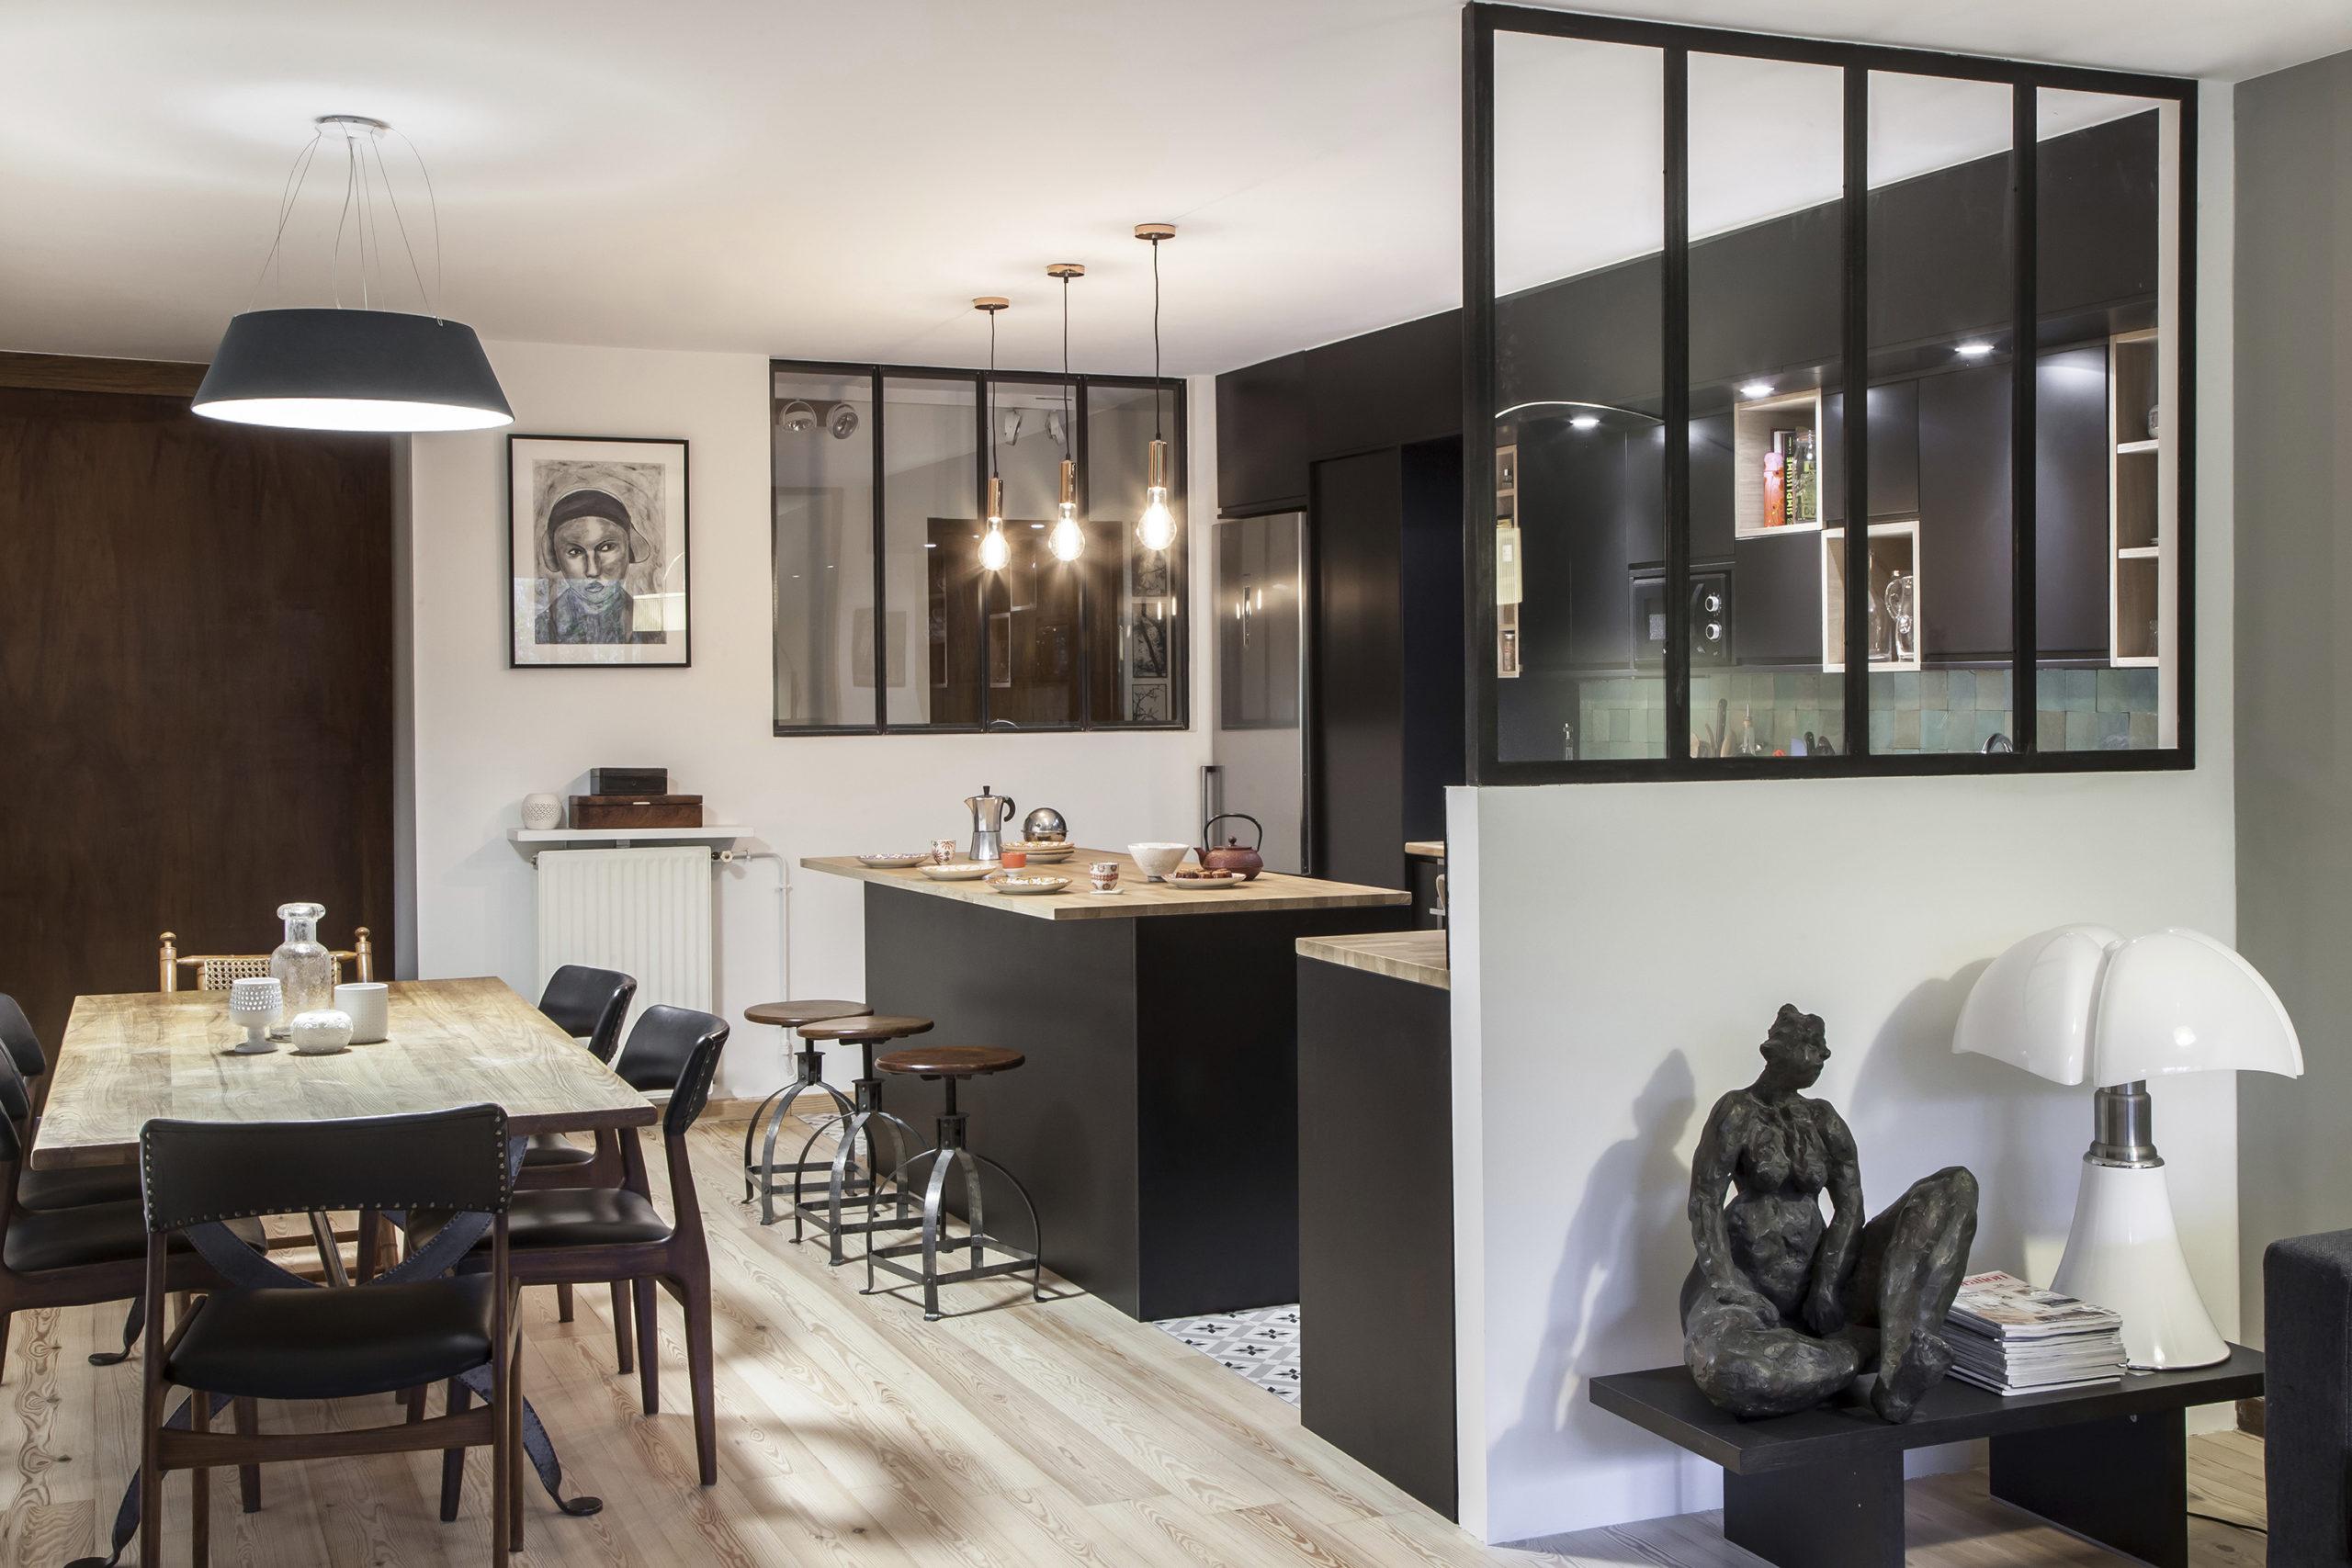 rénovation - cuisine - salle à manger - esprit industriel atelier - verrière - noir bois blanc -